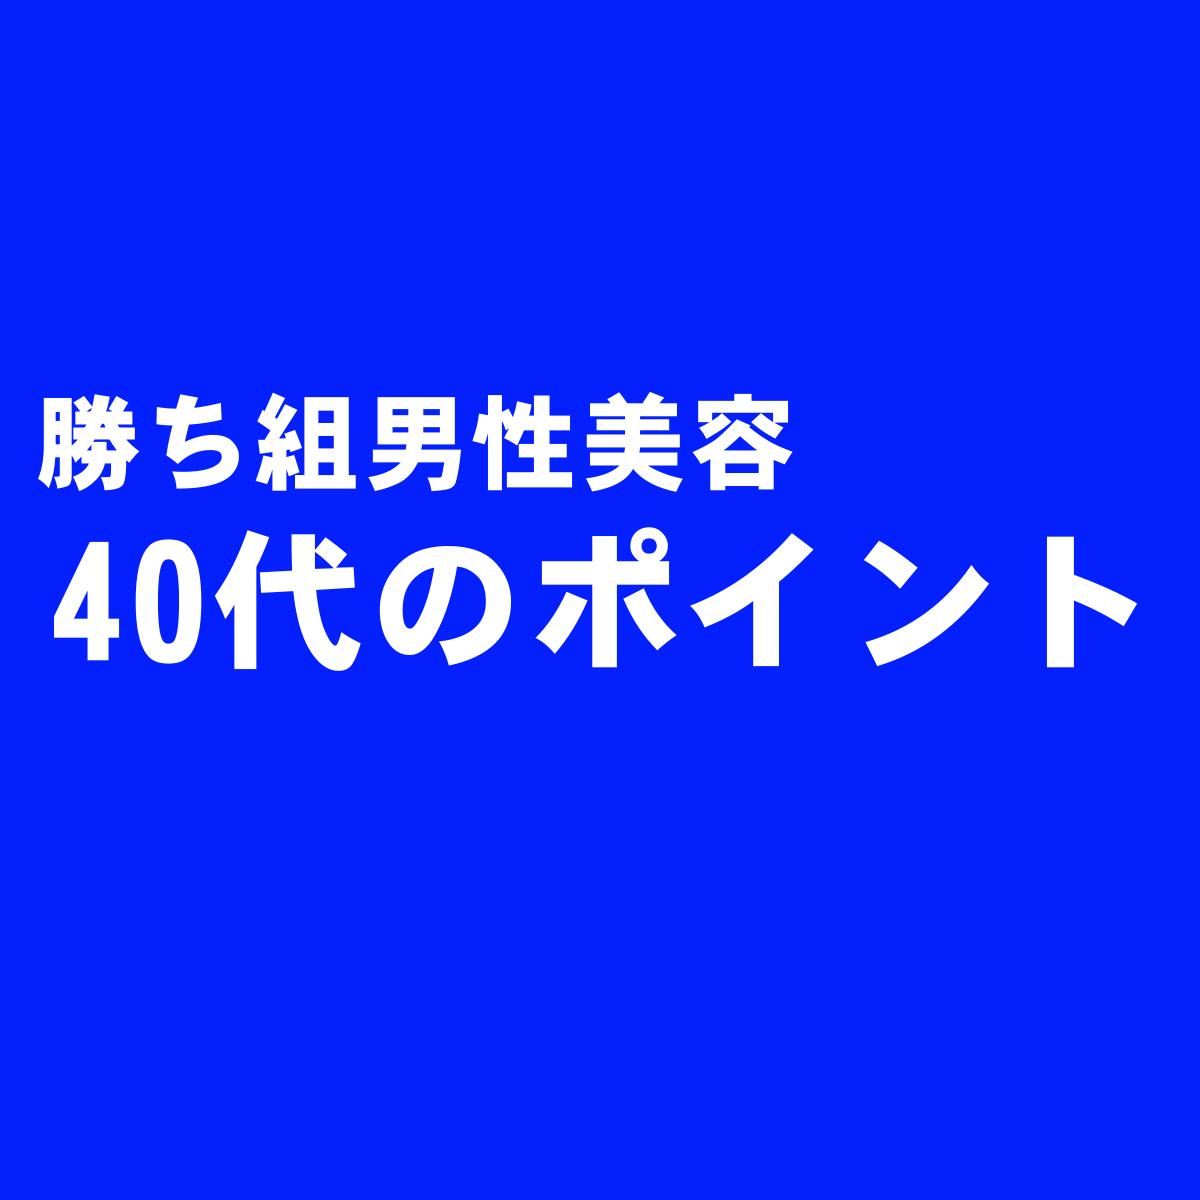 40代のポイント